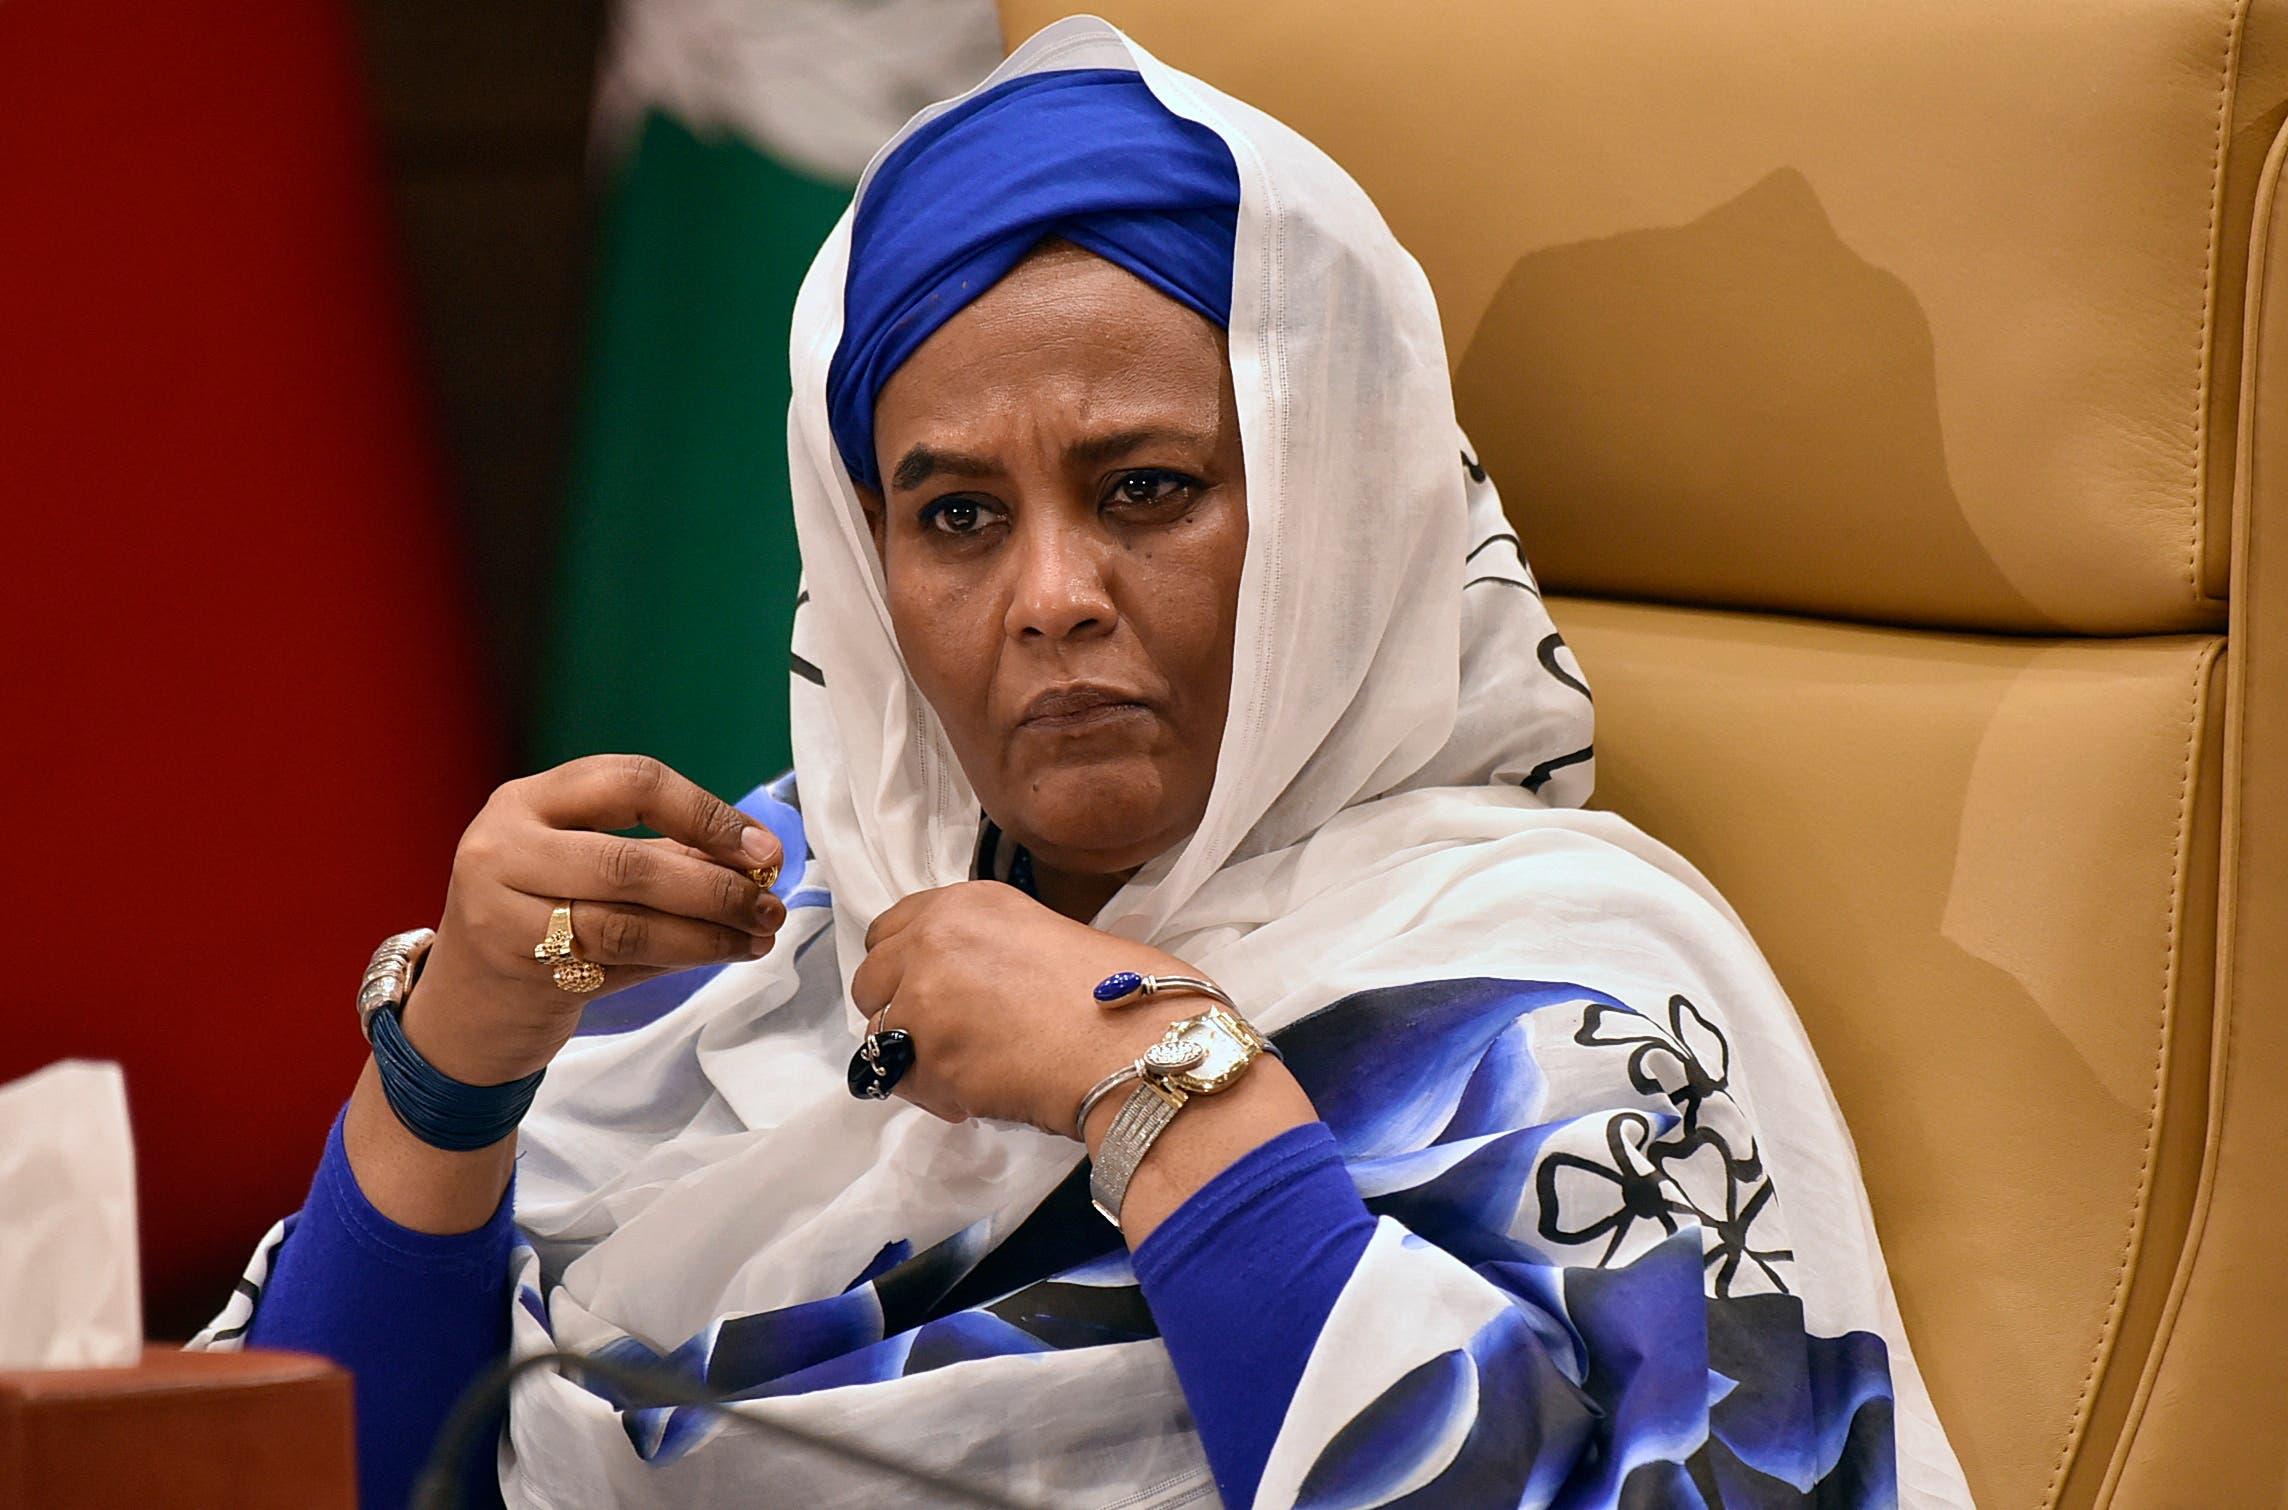 وزيرة الخارجية السودانية مريم الصادق المهدي (أرشيفية- فرانس برس)